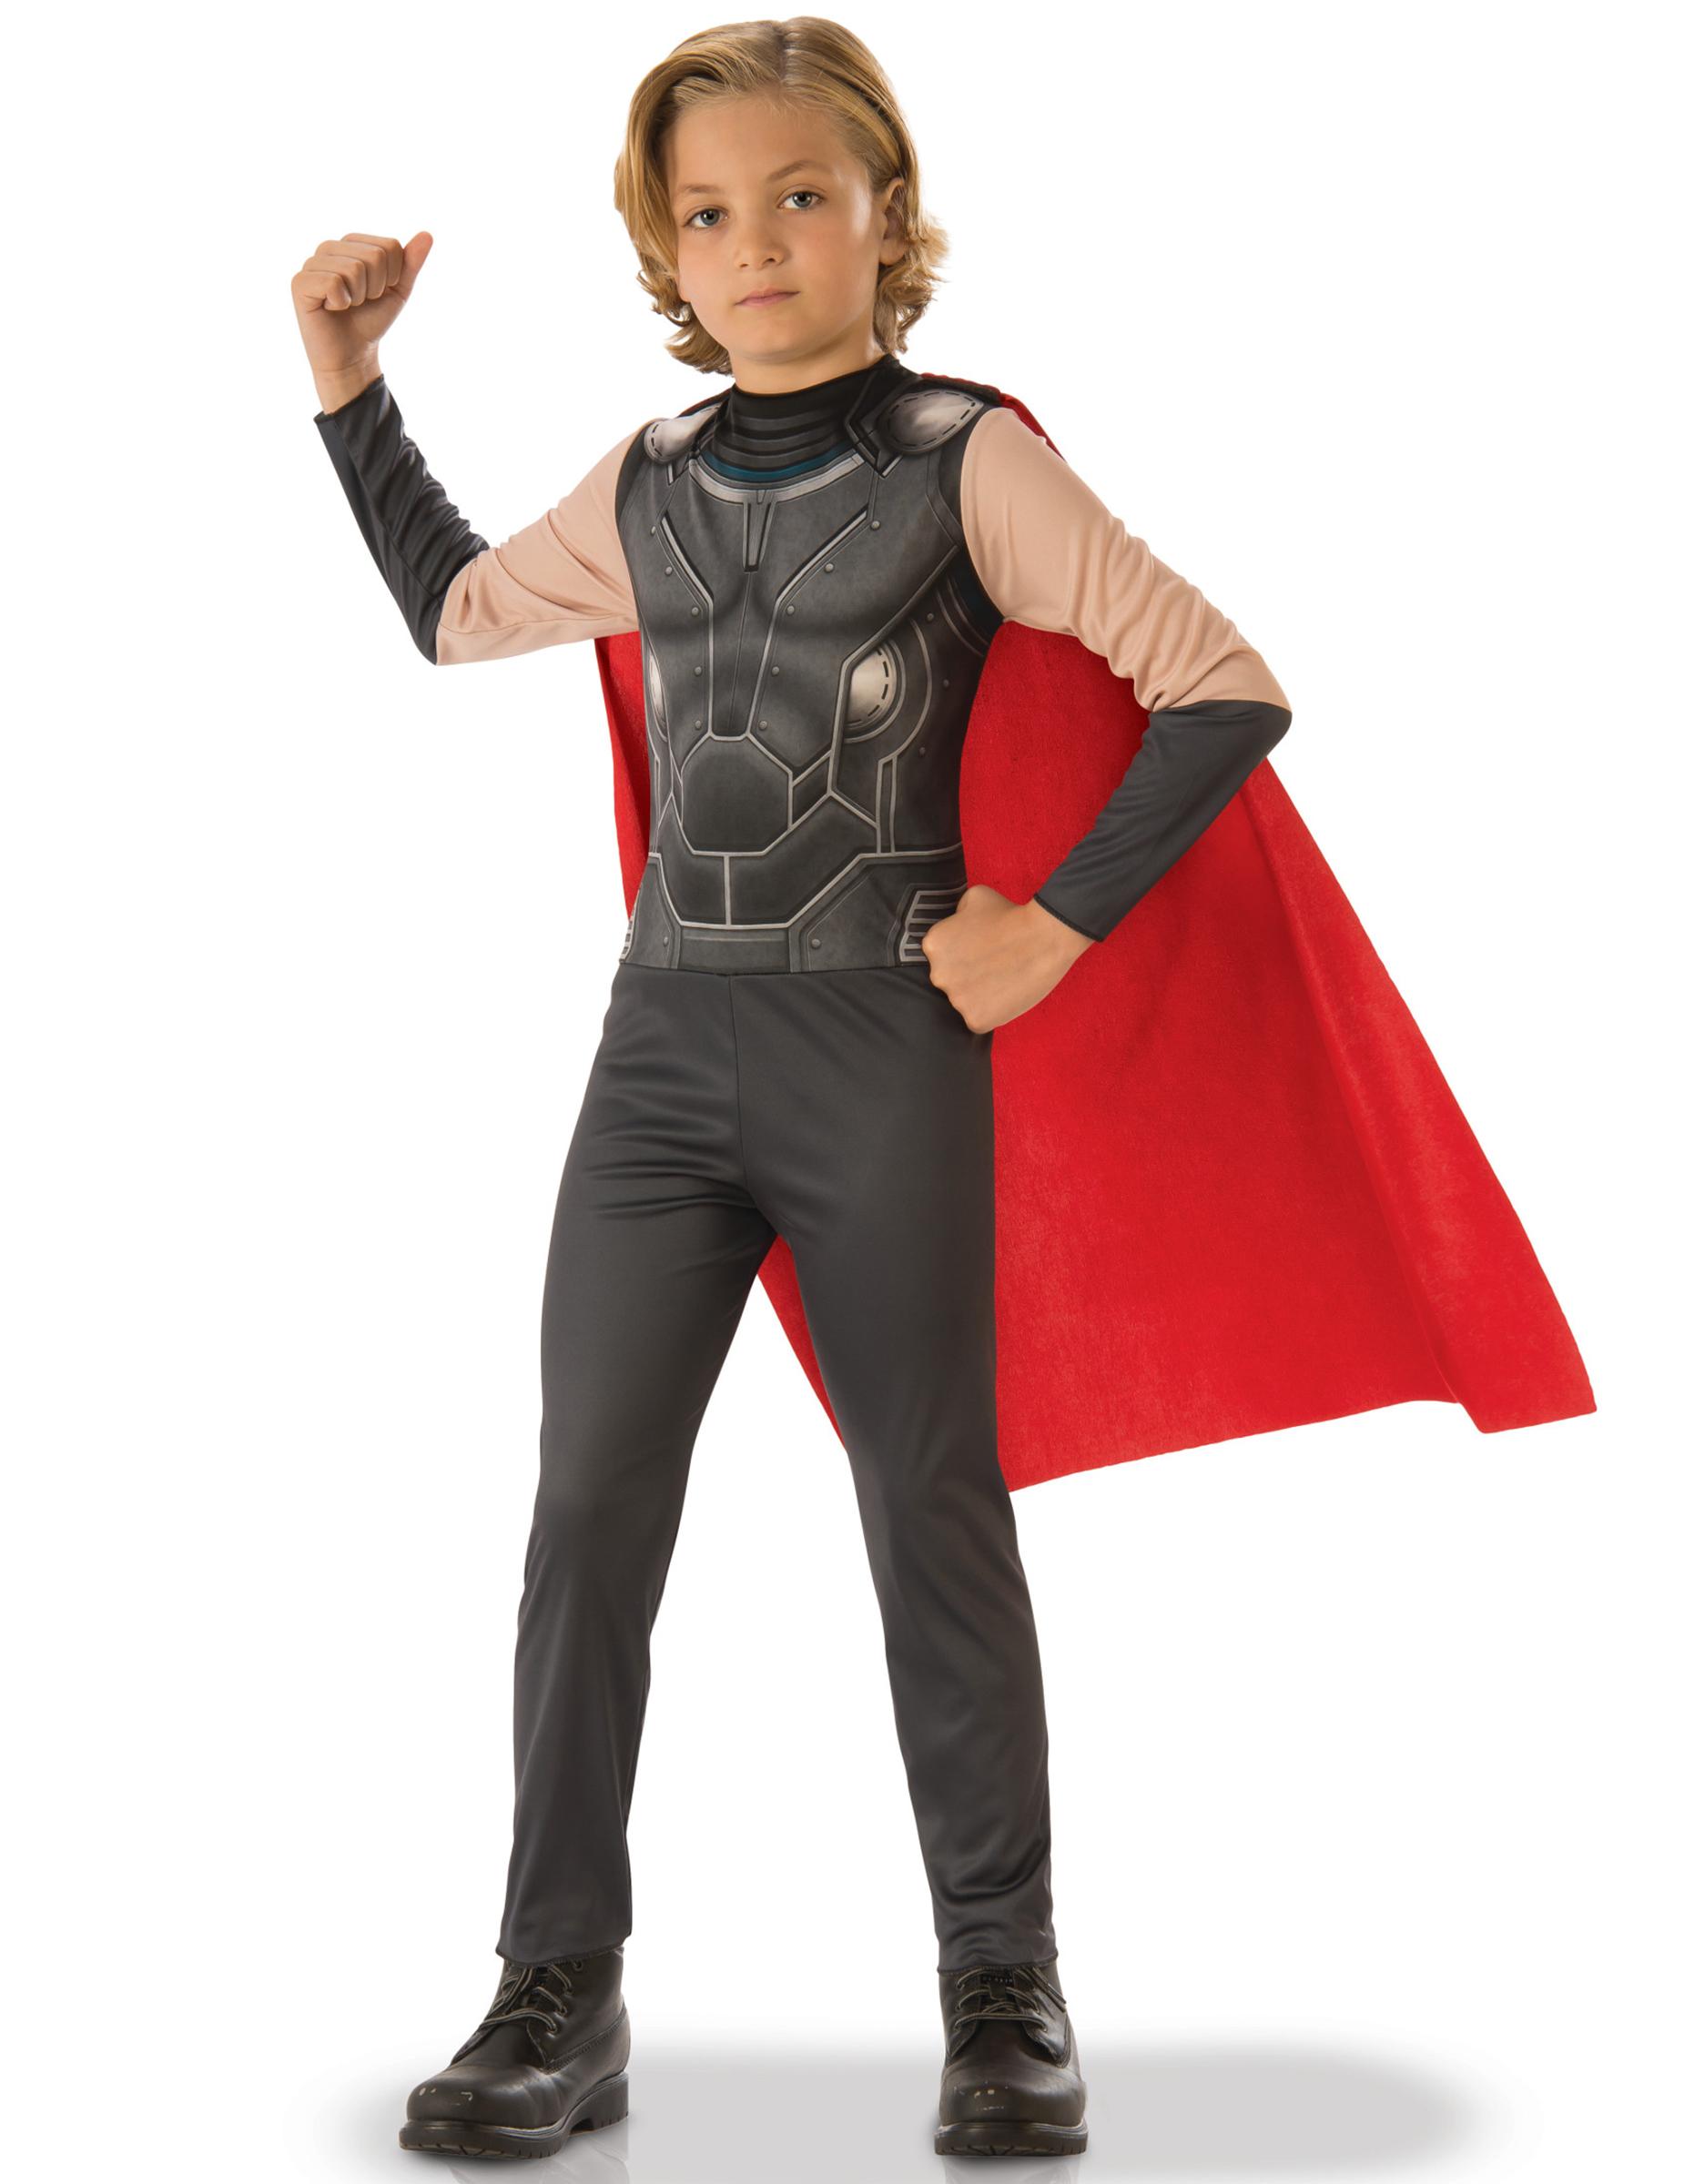 negozio ufficiale stili classici costo moderato Costume Thor™ per bambino